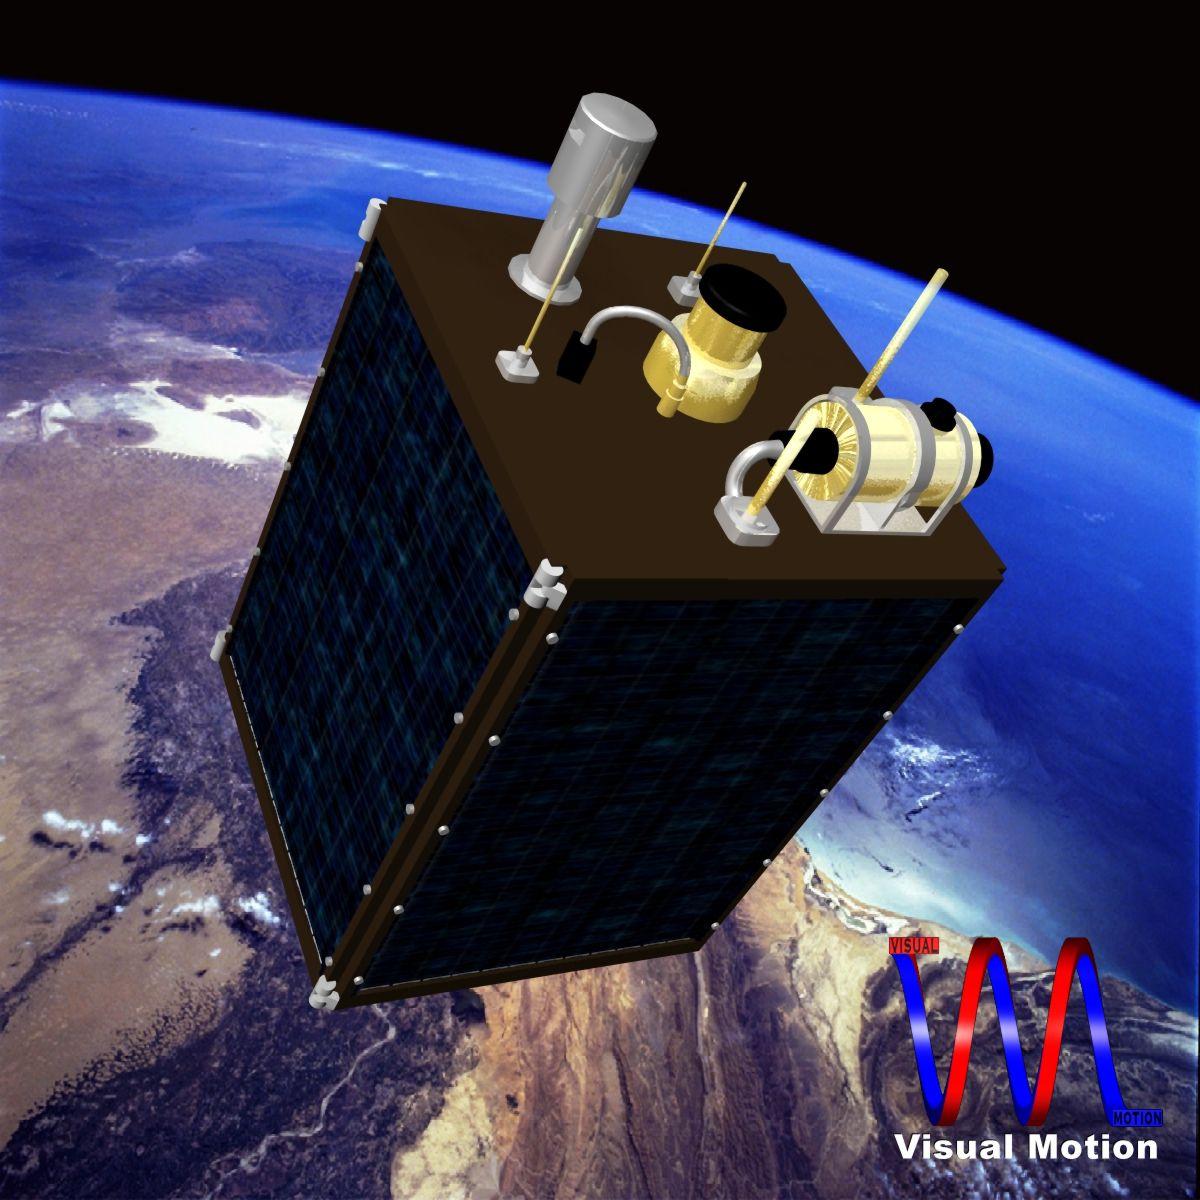 dprk kwangmyongsong-3 сателит 3d модел 3ds dxf cob x obj 134453